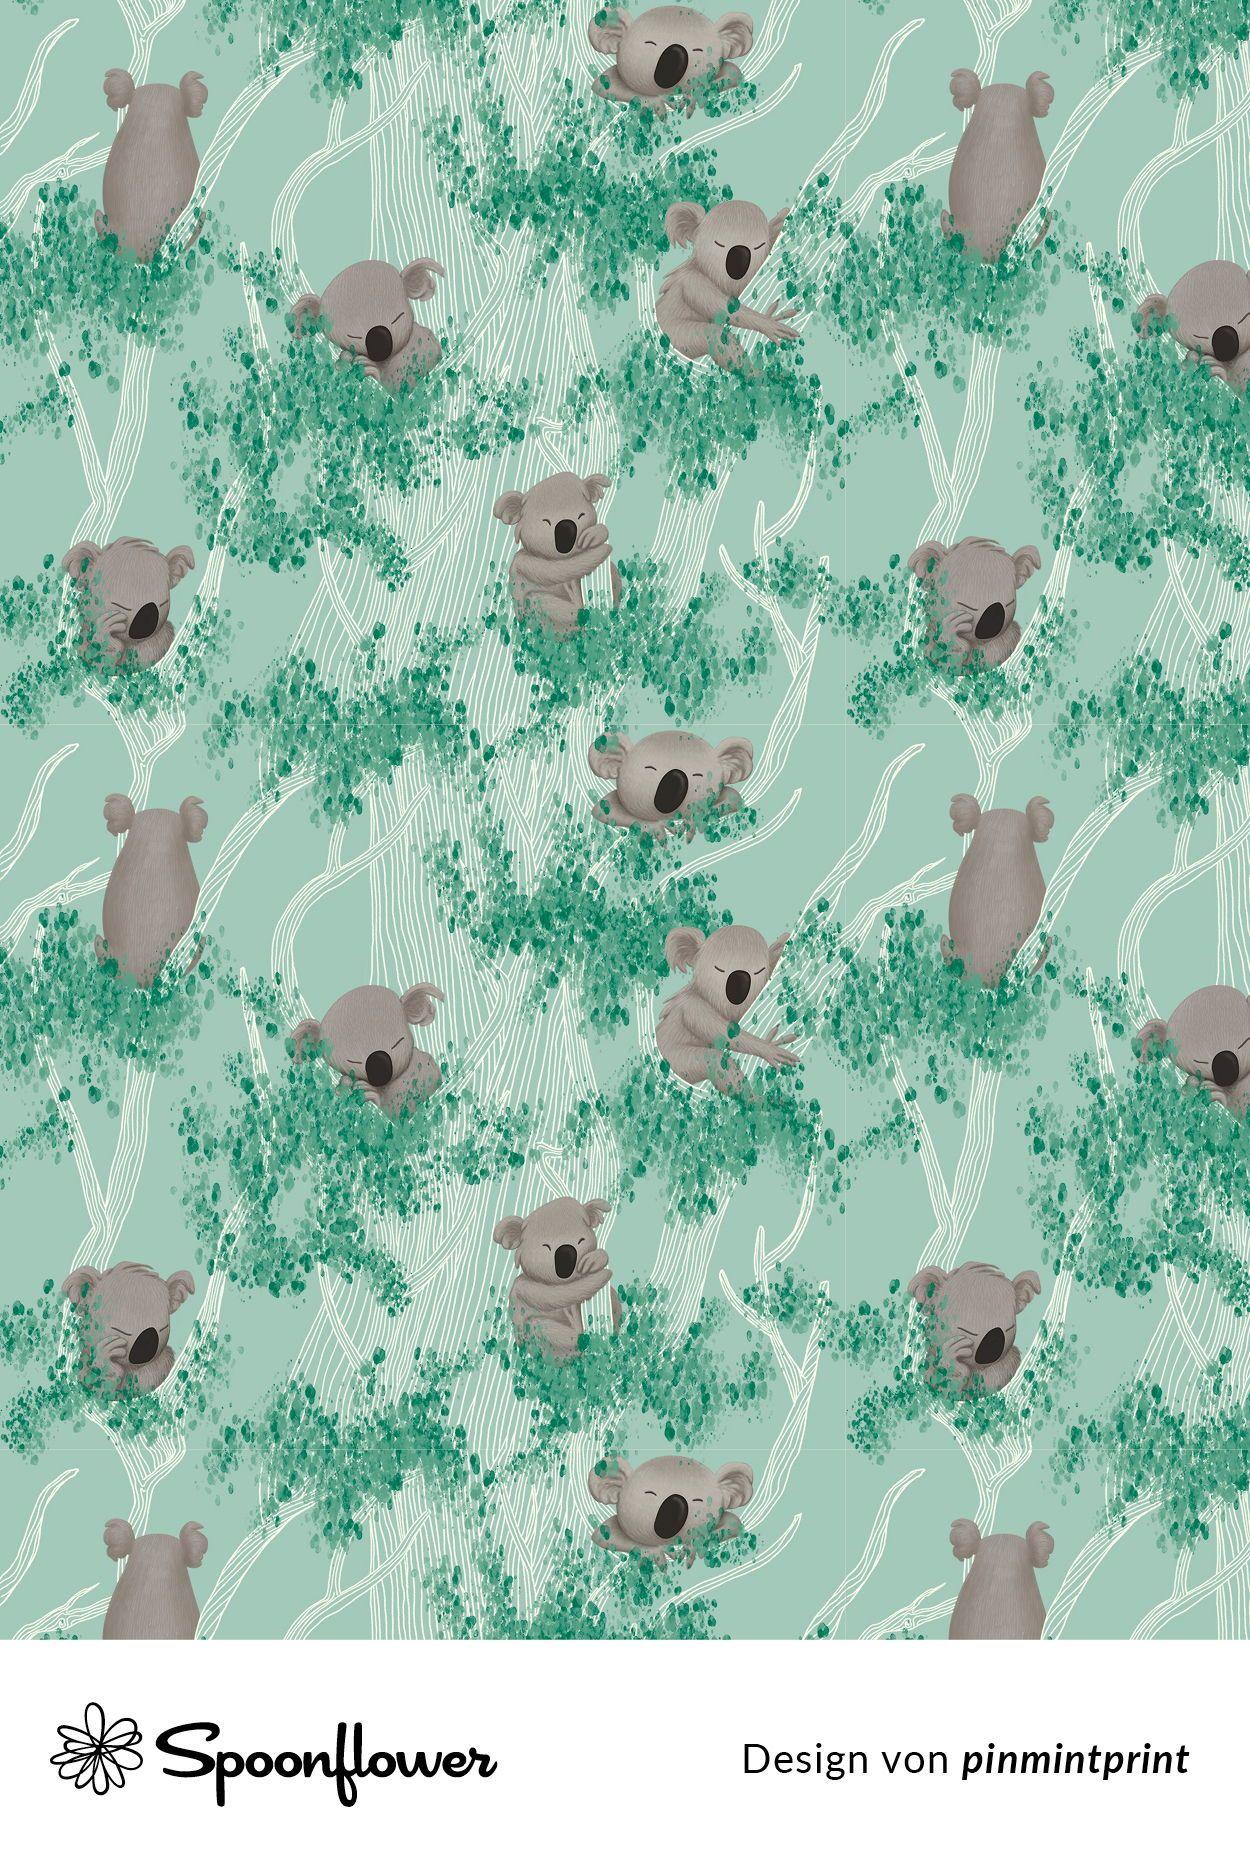 Farbenfrohe Stoffe Digital Gedruckt Von Spoonflower In 2020 Spoonflower Animal Pattern Illustration